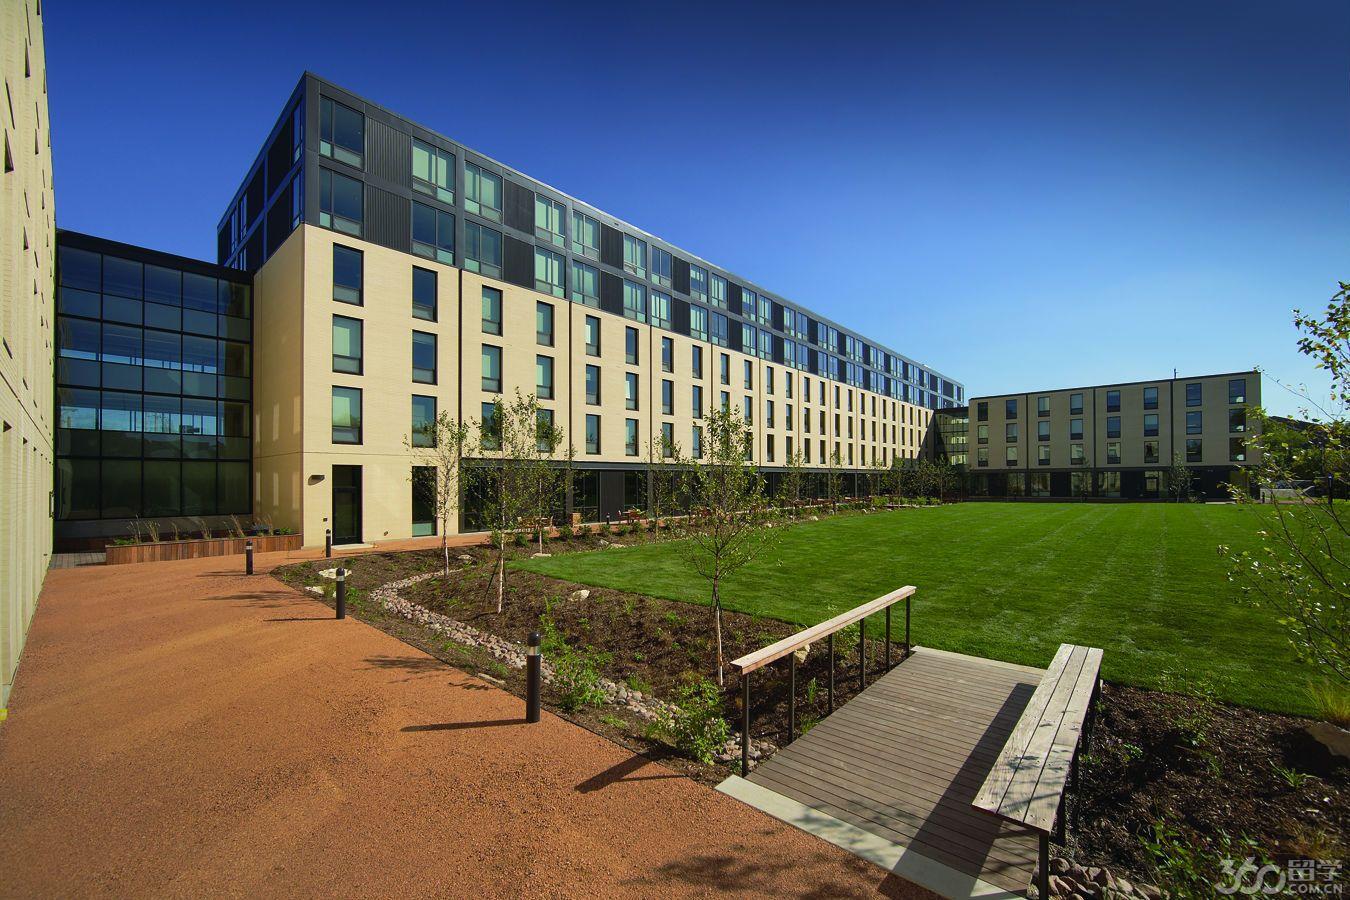 2017年威斯康辛大学密尔沃基分校与中北大学哪个好